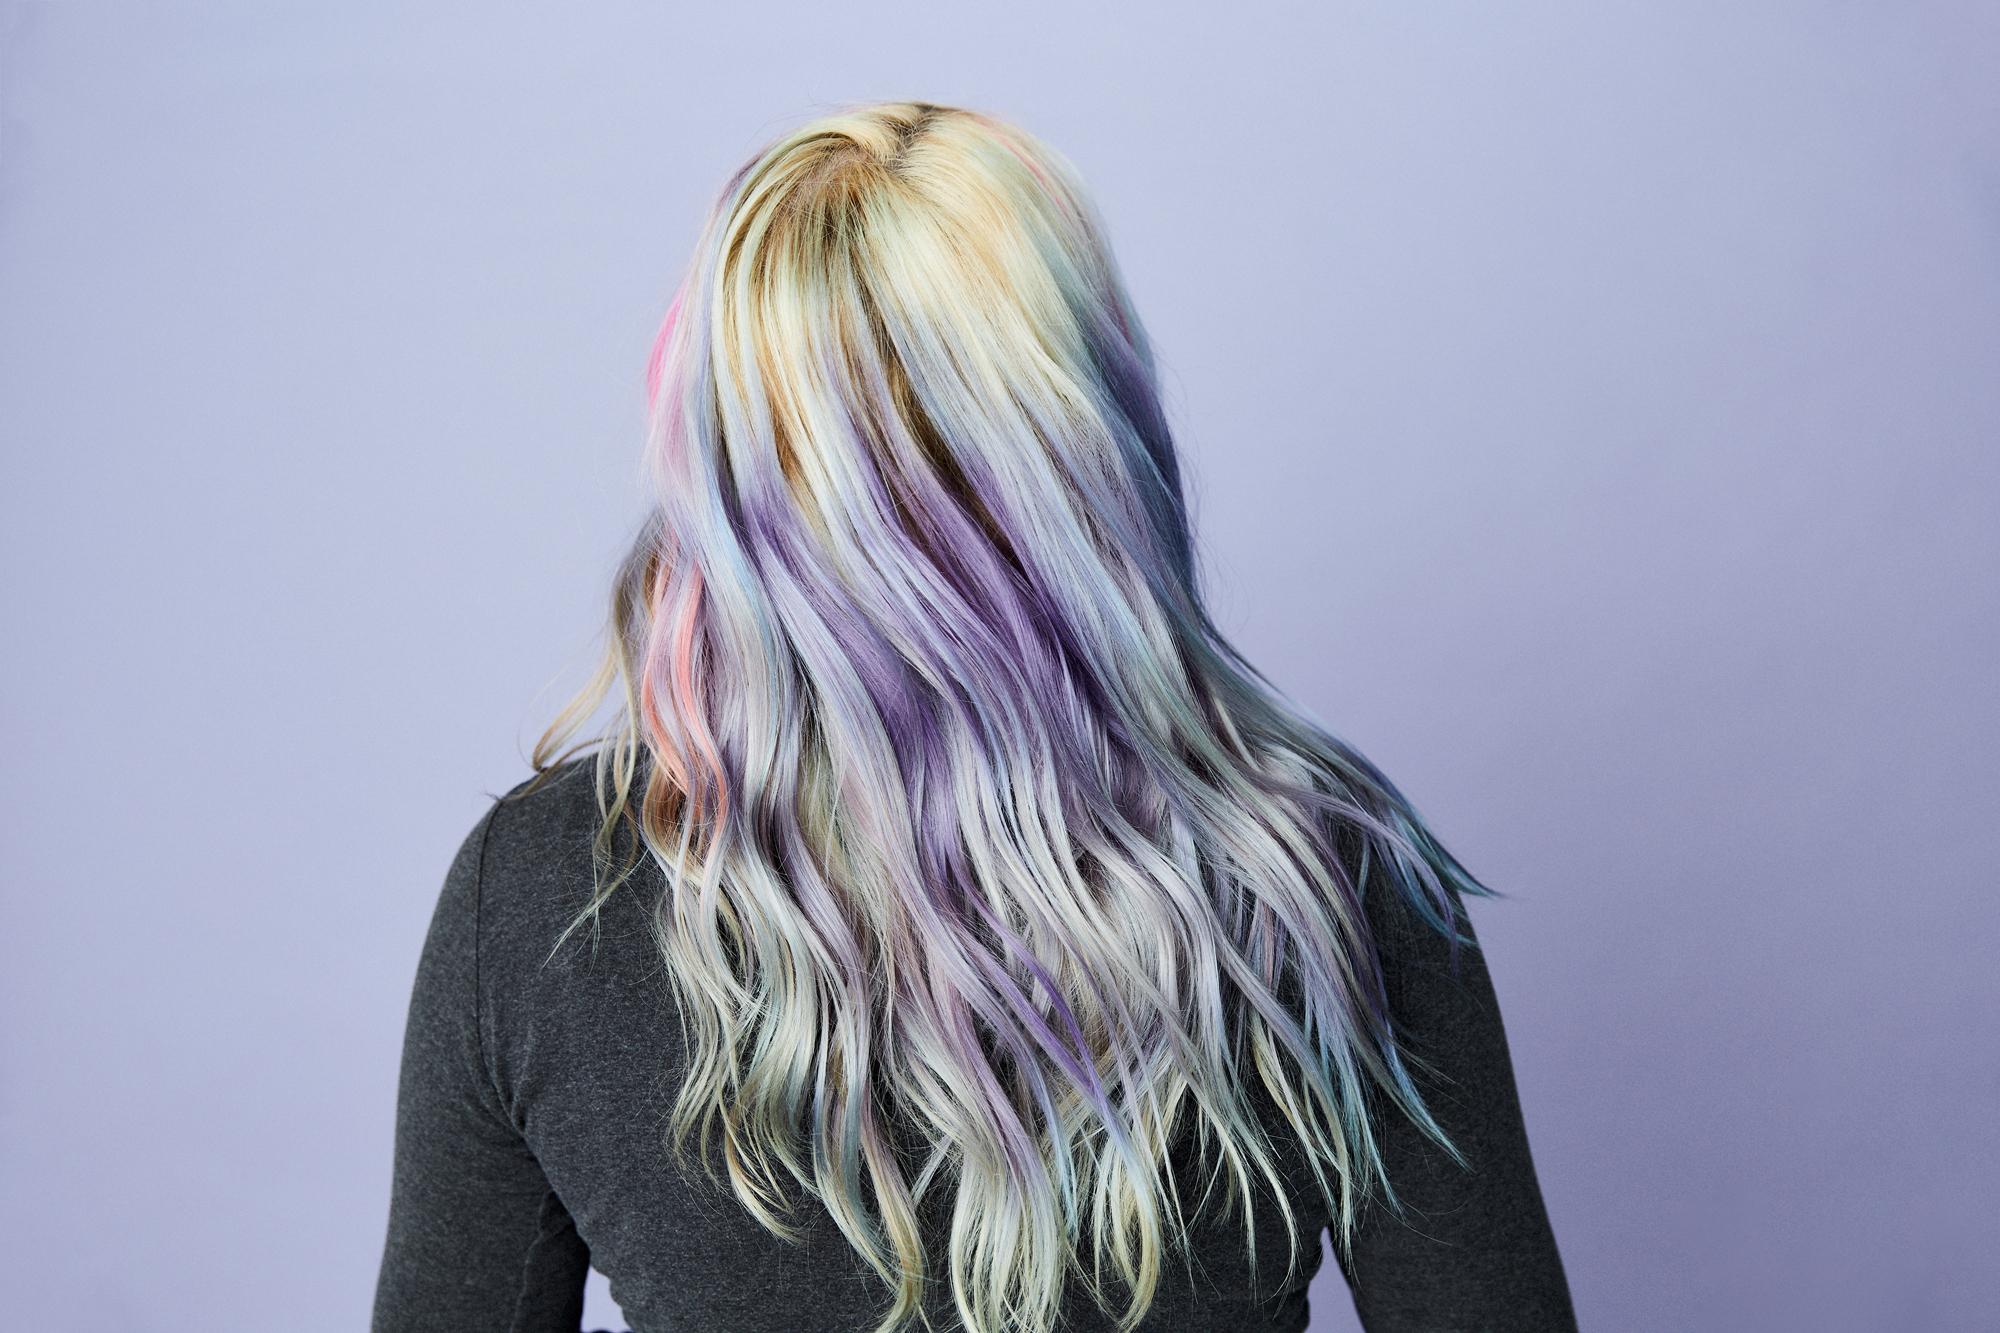 080718-out-hair-slide-liz-2.jpg